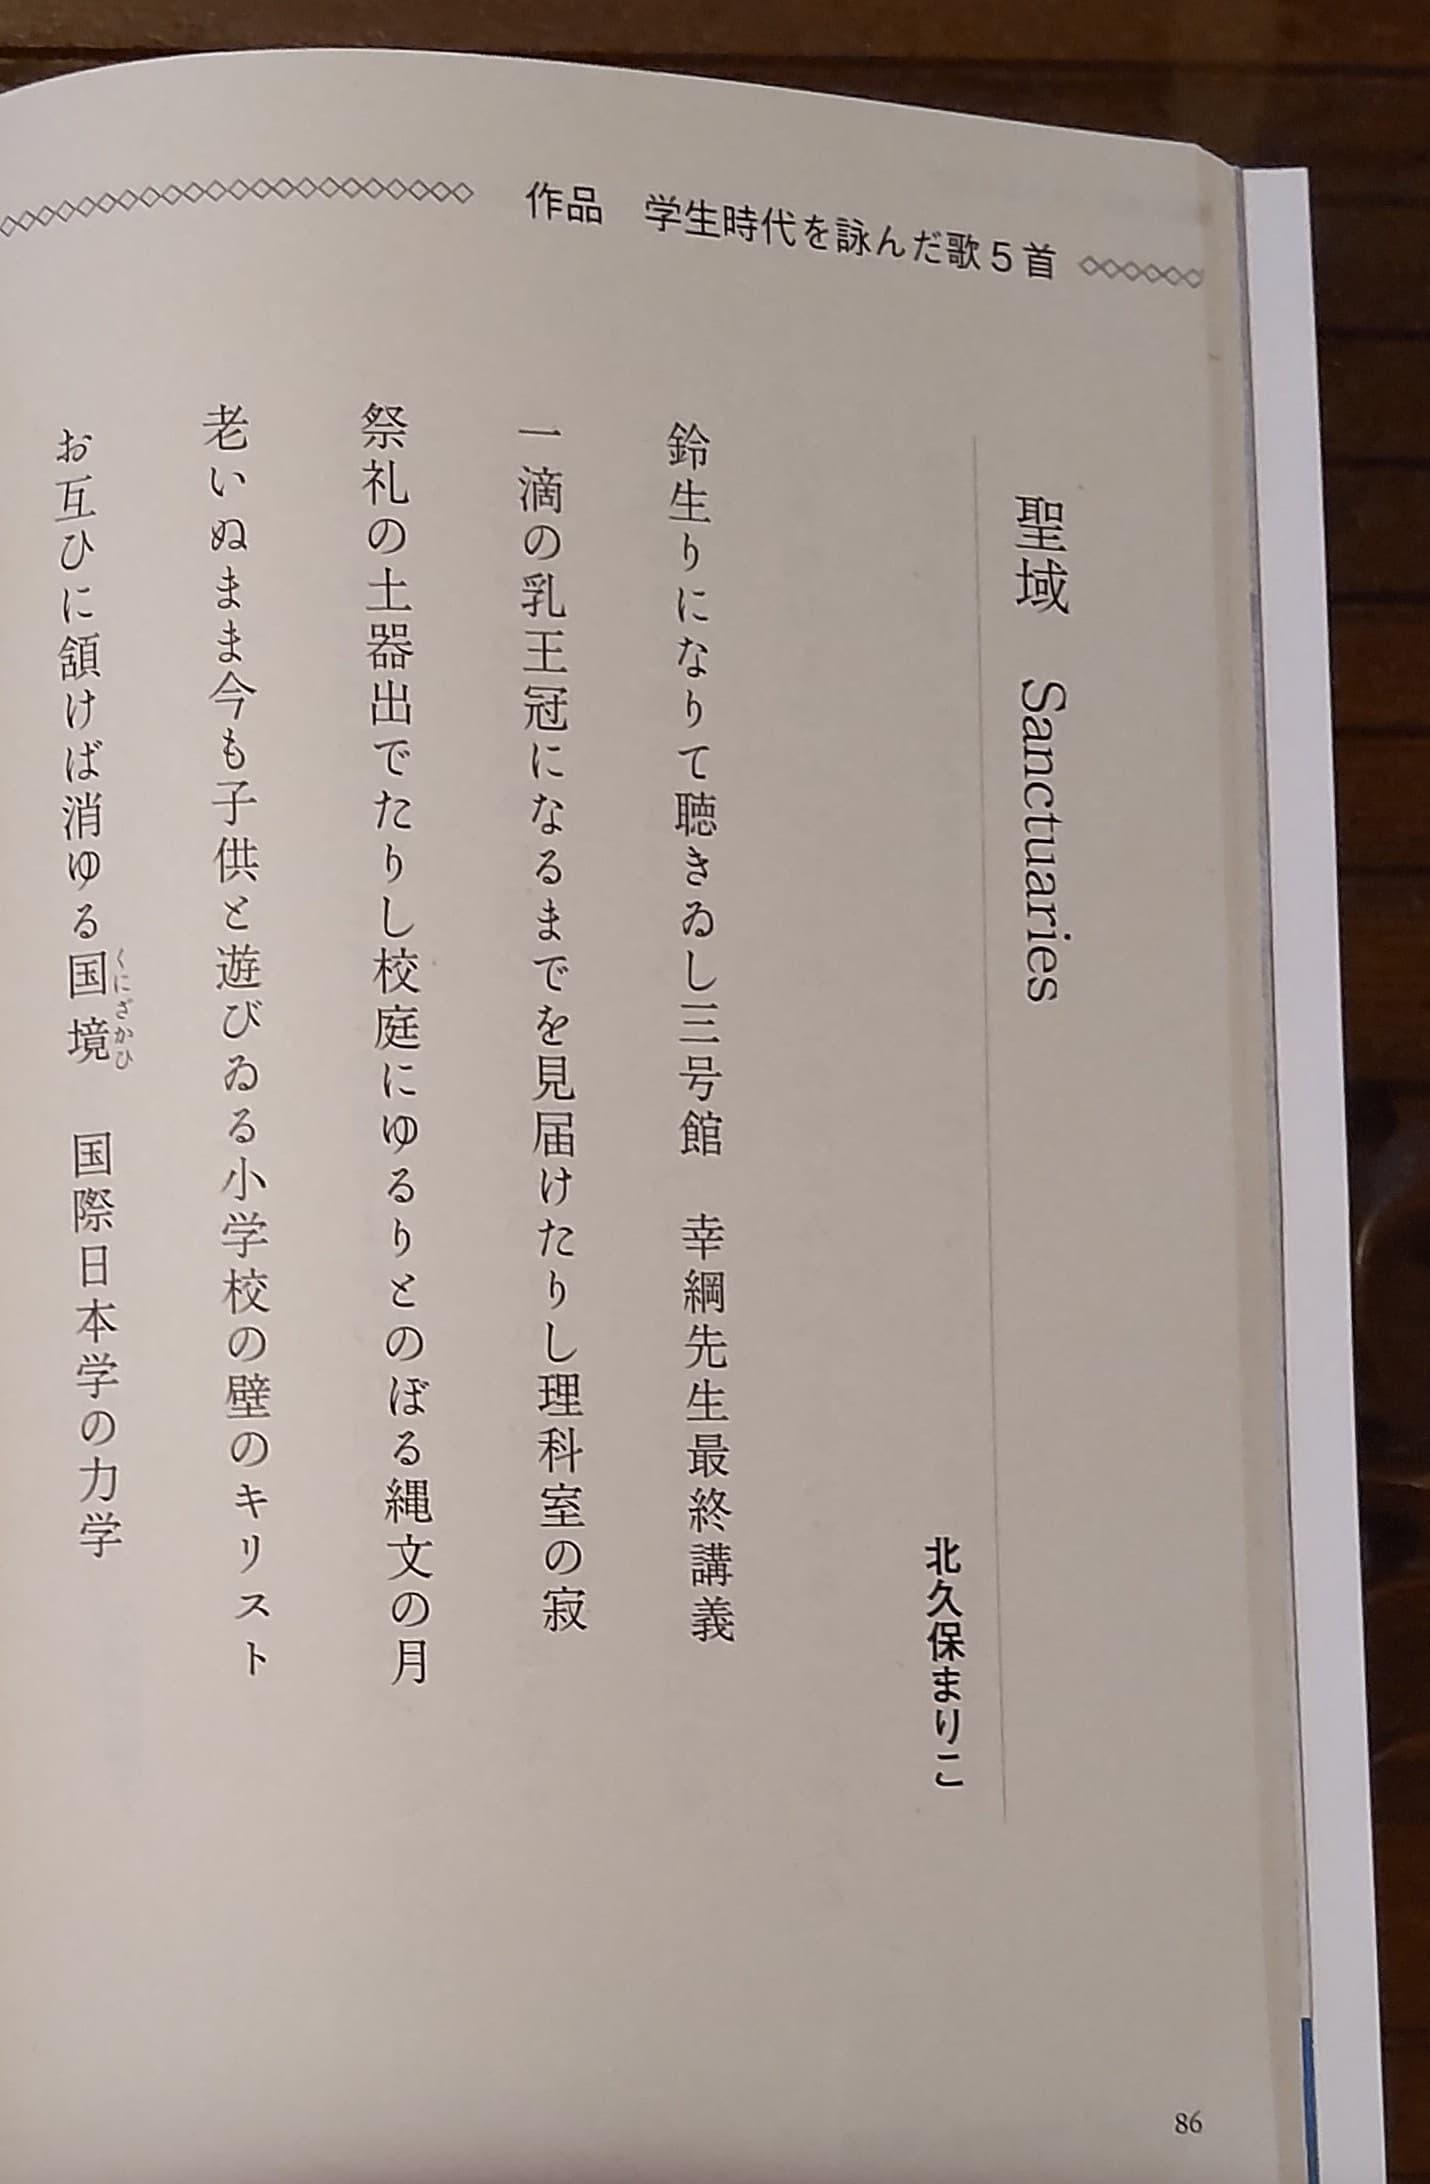 20210325_kadokawa_tanka_03-min.jpg